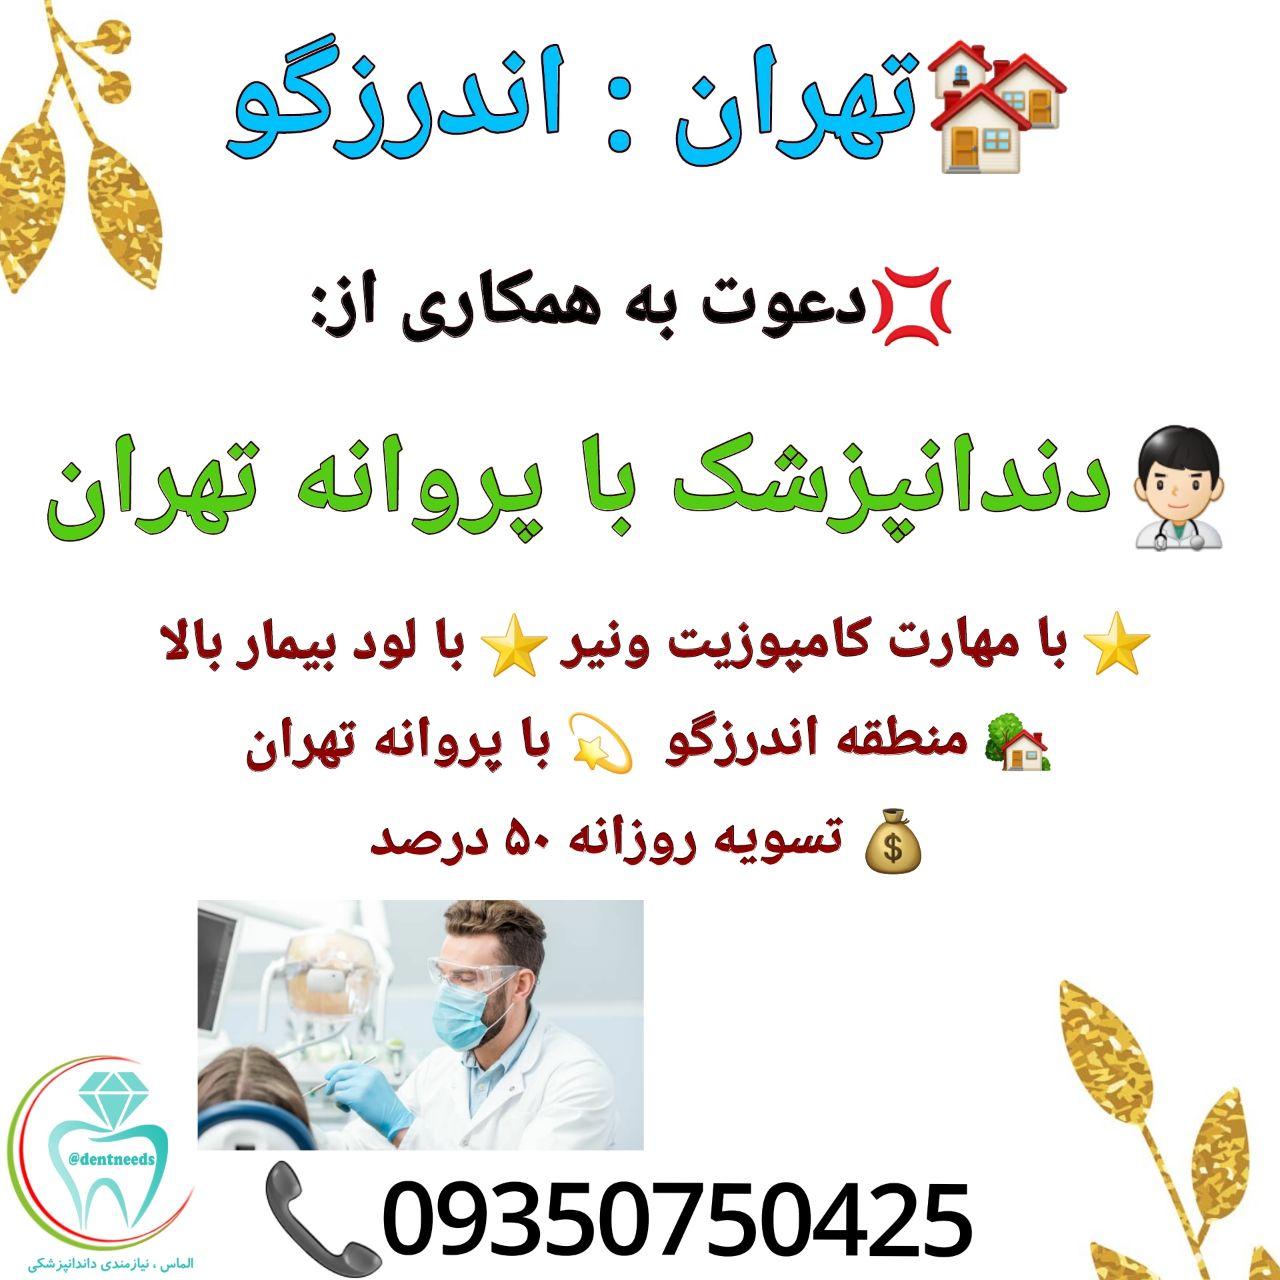 تهران: اندرزگو، نیاز به دندانپزشک با پروانه تهران